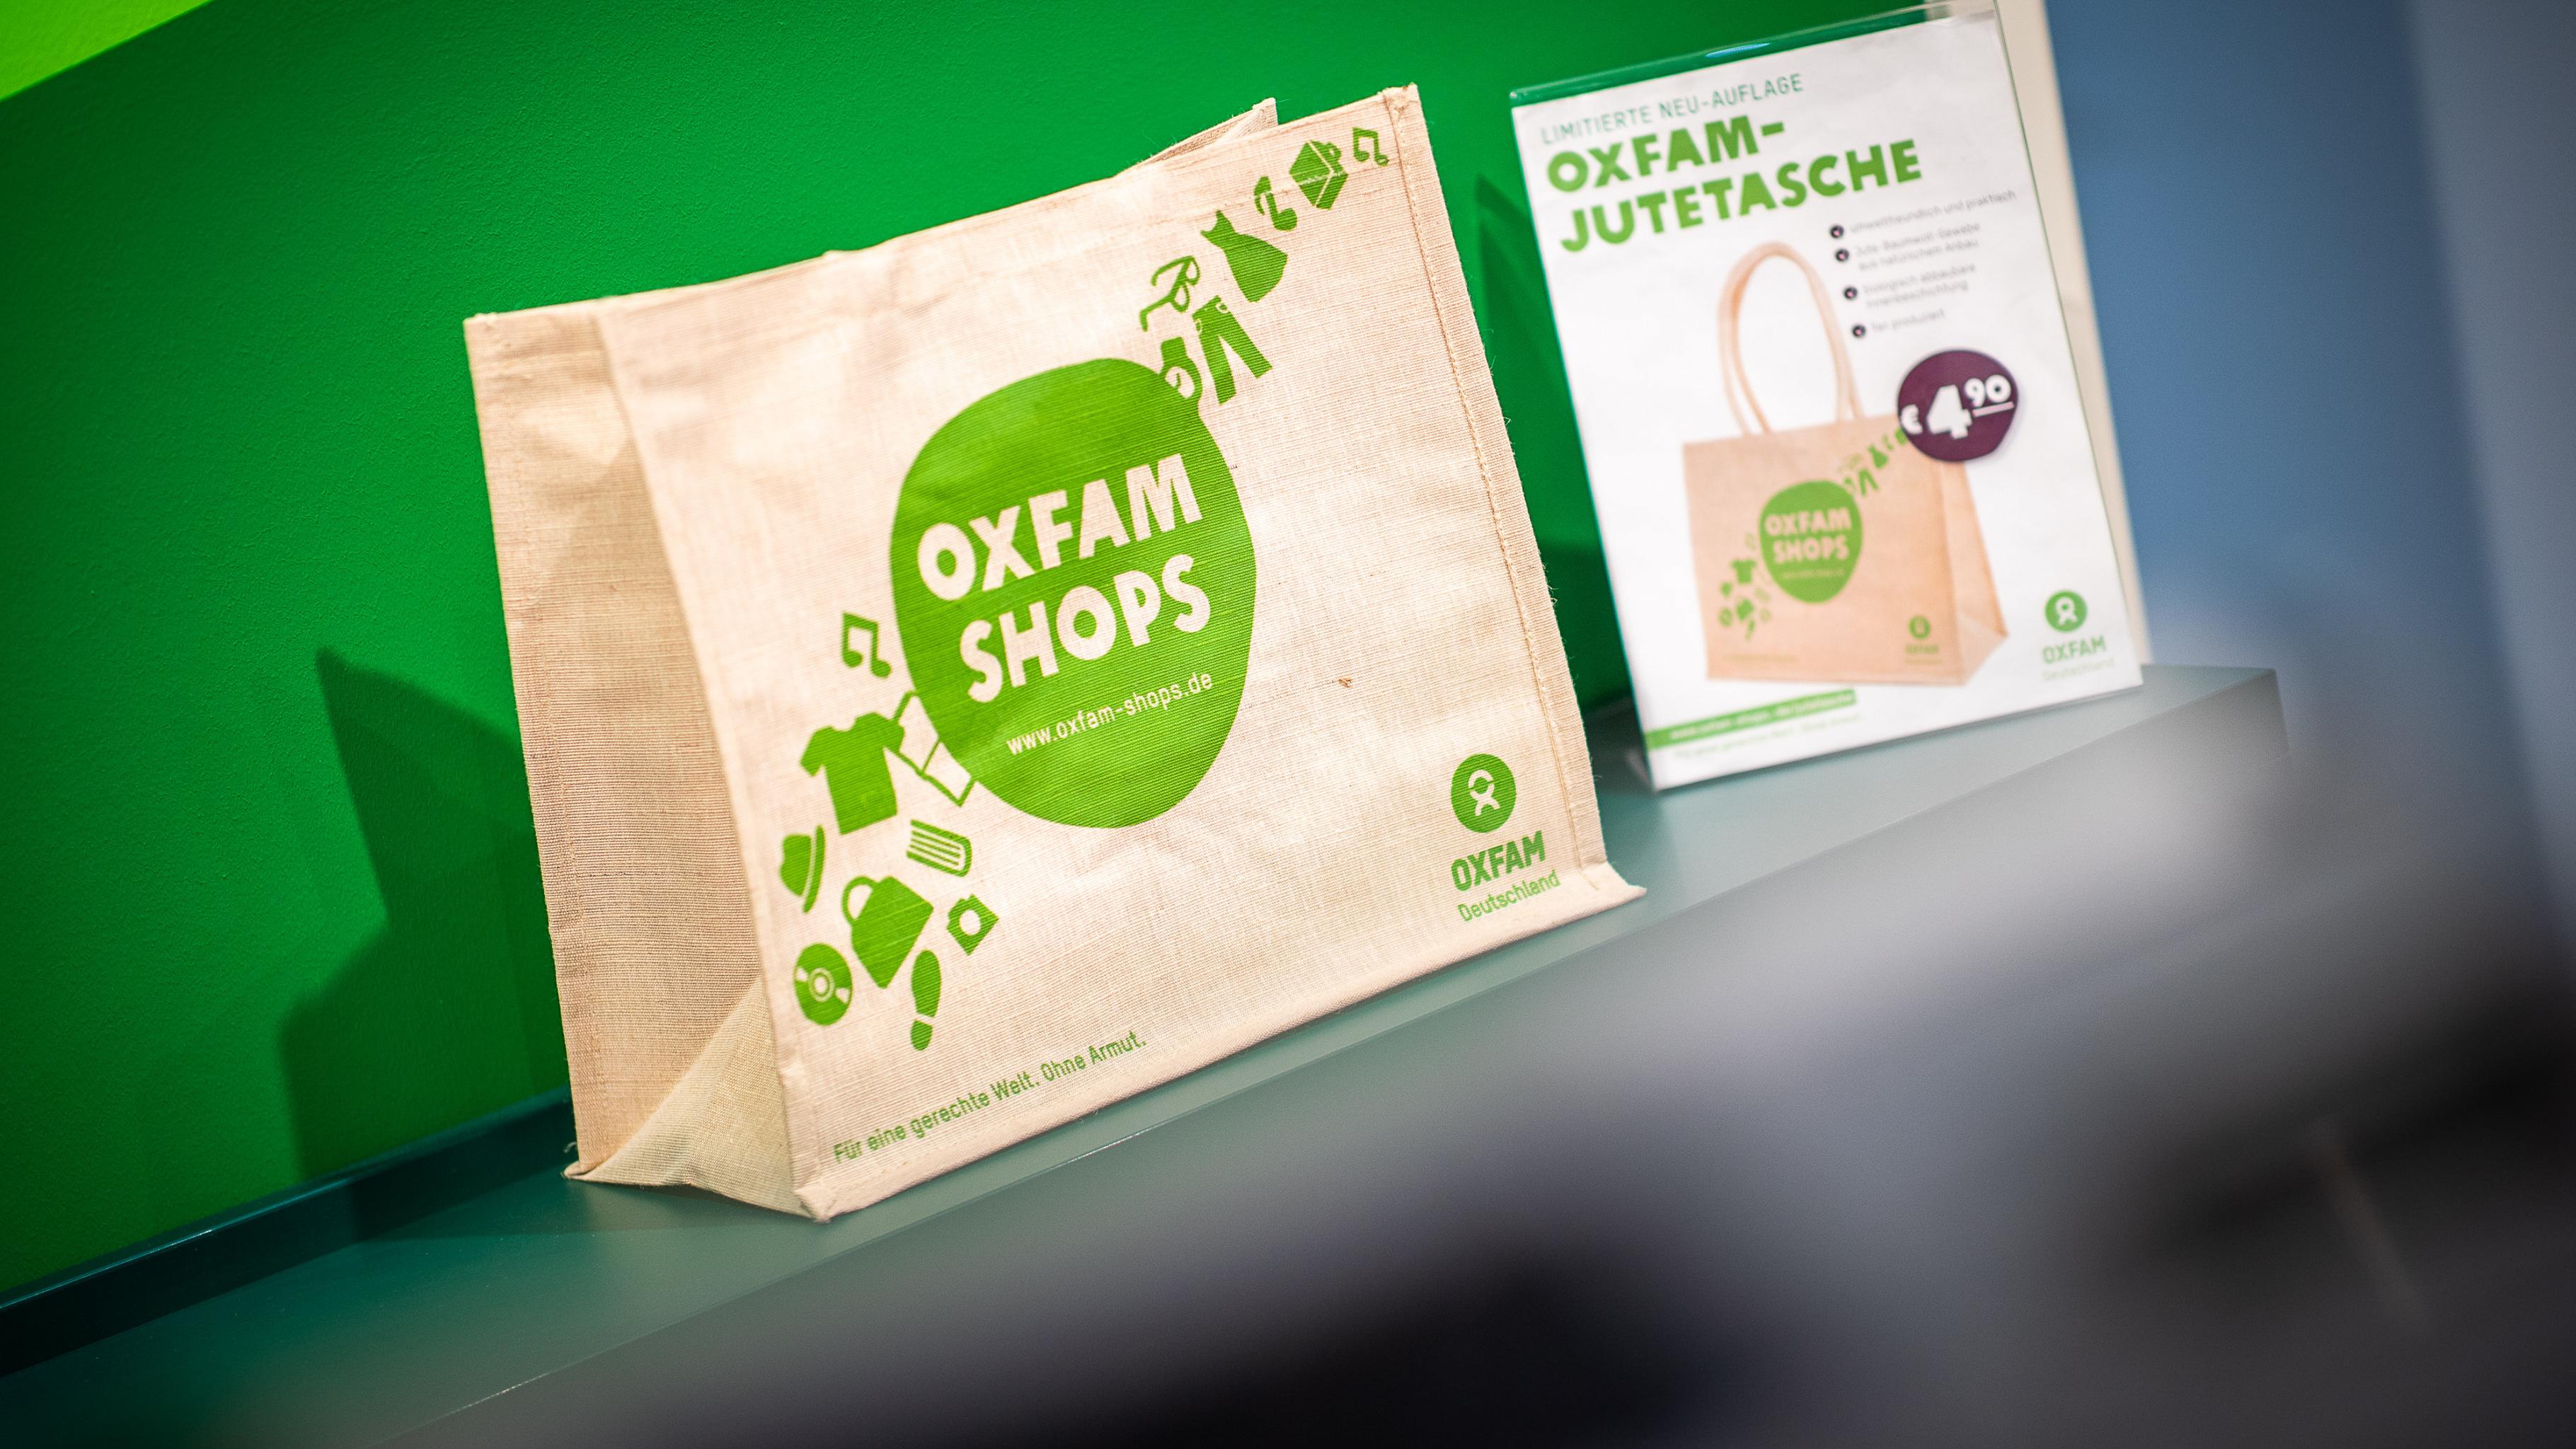 Die neue Oxfam-Jutetasche gibt es in jedem Oxfam Shop.